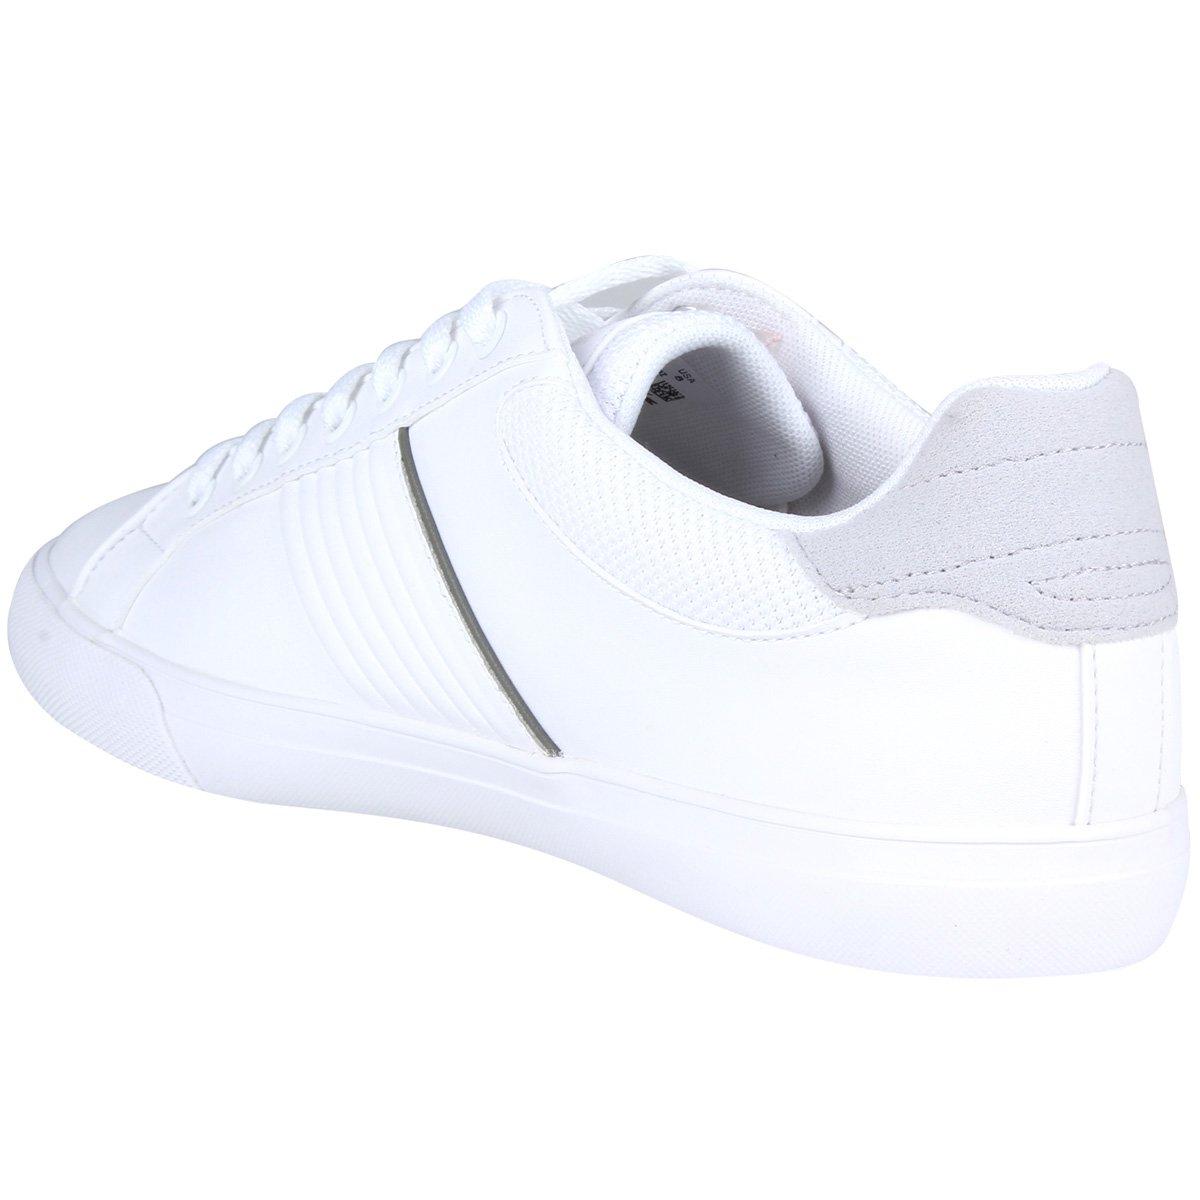 Tênis Couro Lacoste Flead Masculino - Branco - Compre Agora   Netshoes 12929312f5